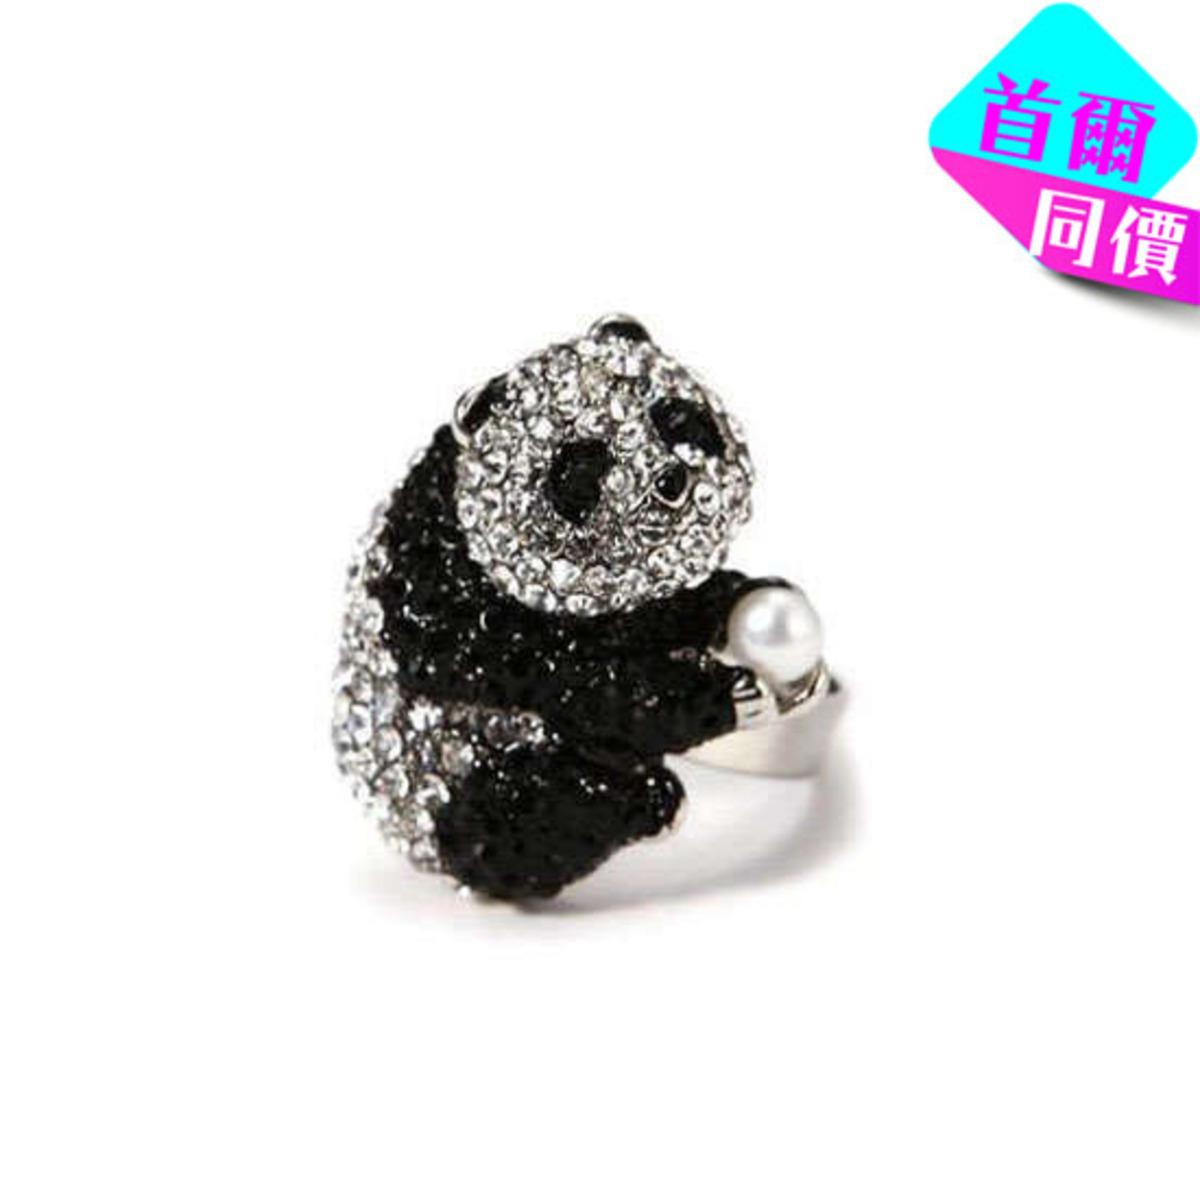 熊貓鑲石珍珠戒指